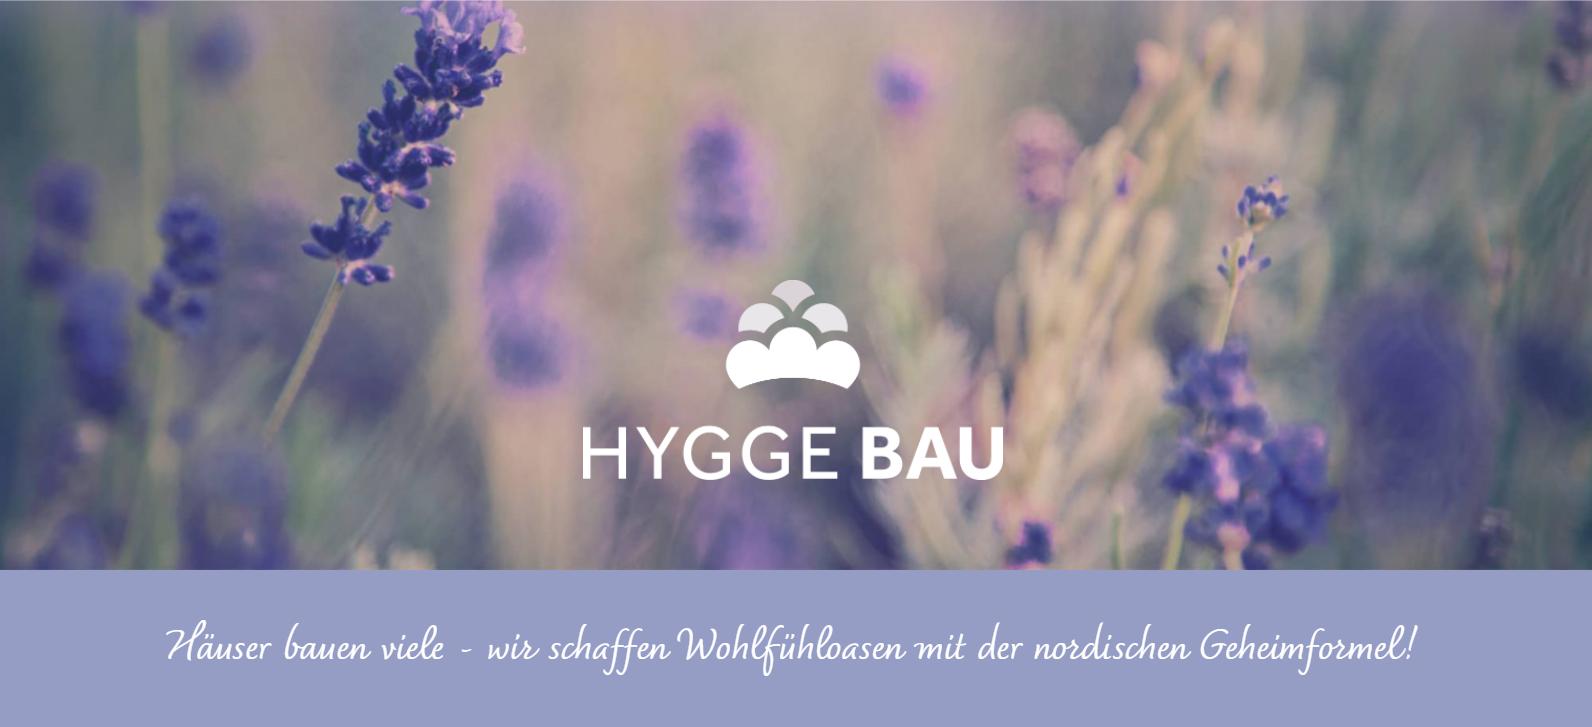 Hyggebau Header - RECrowd